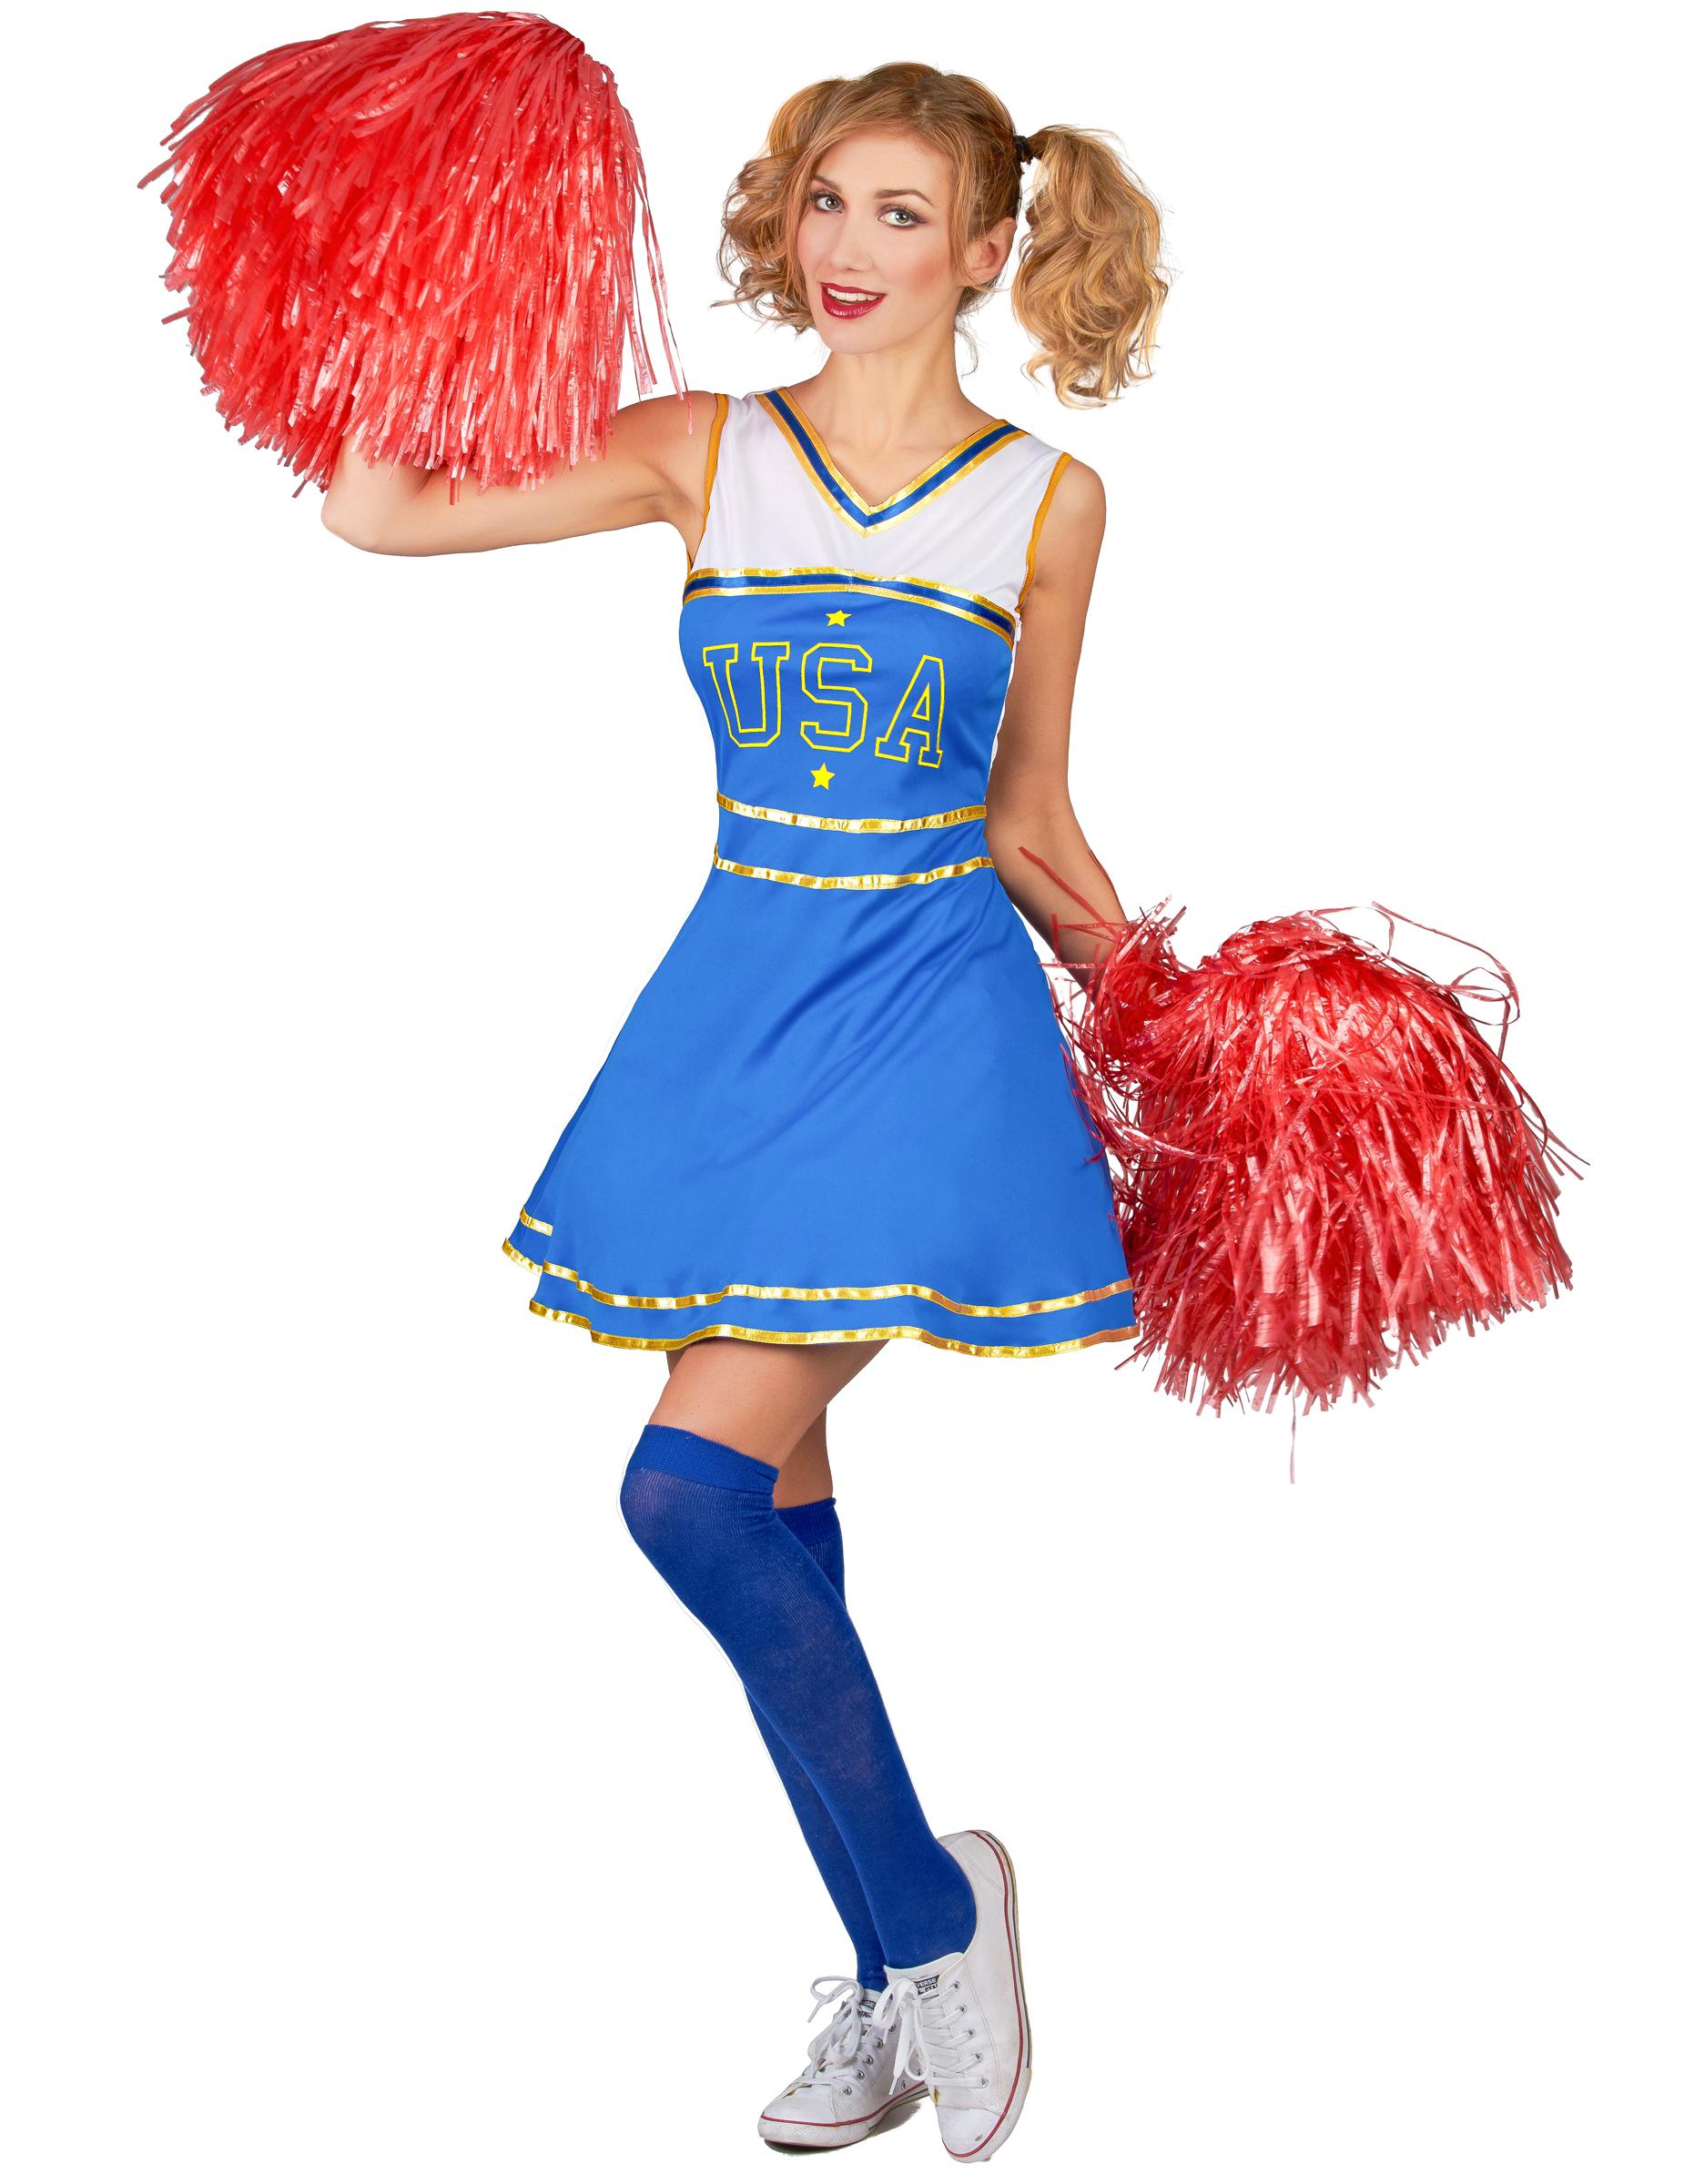 Klassisches Usa Cheerleader Damenkostum Blau Weiss Gunstige